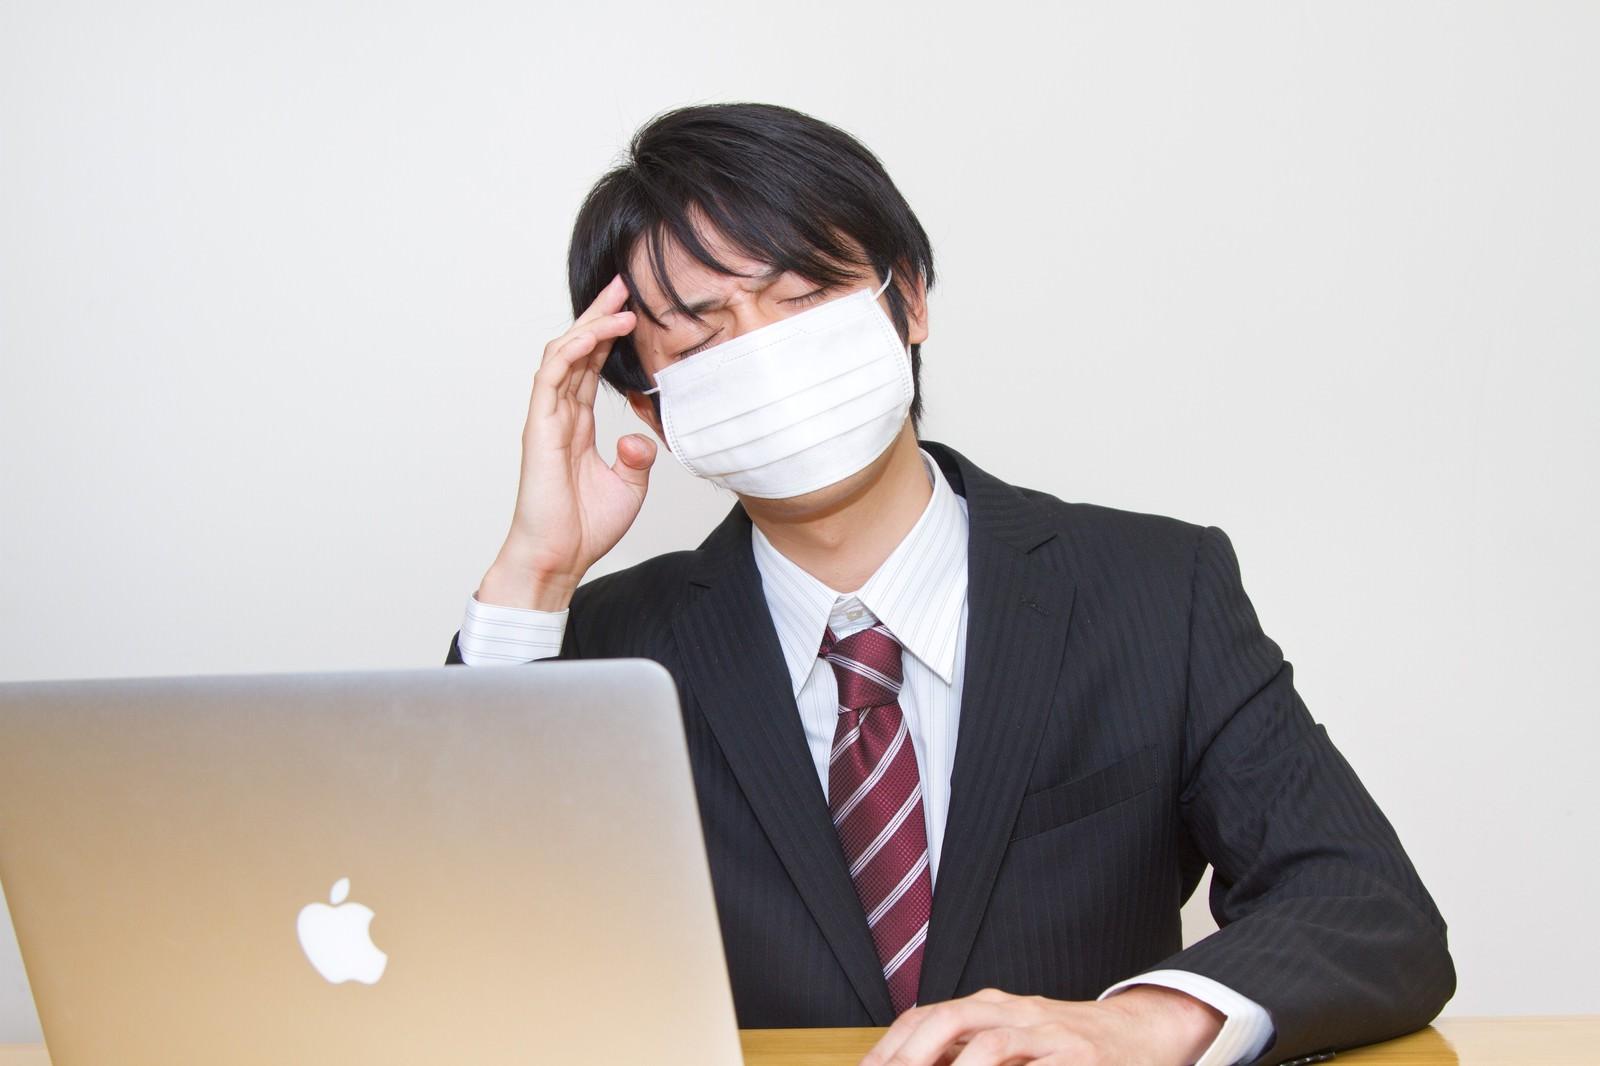 「風邪をひいても残業するサラリーマン」の写真[モデル:Tsuyoshi.]